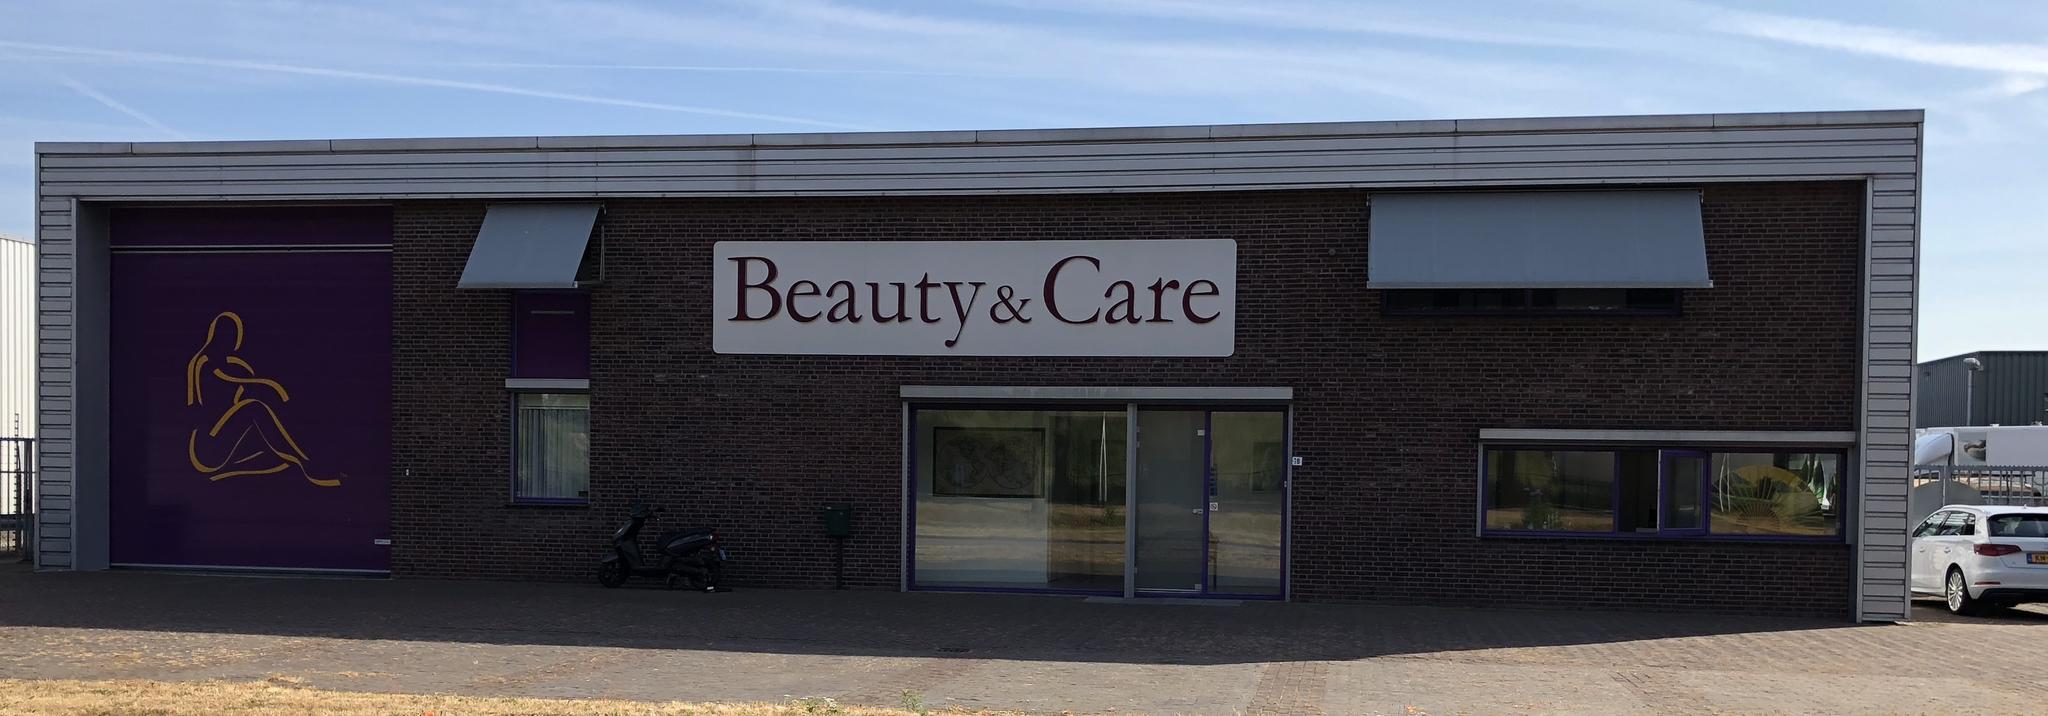 Beauty & Care Tilburg